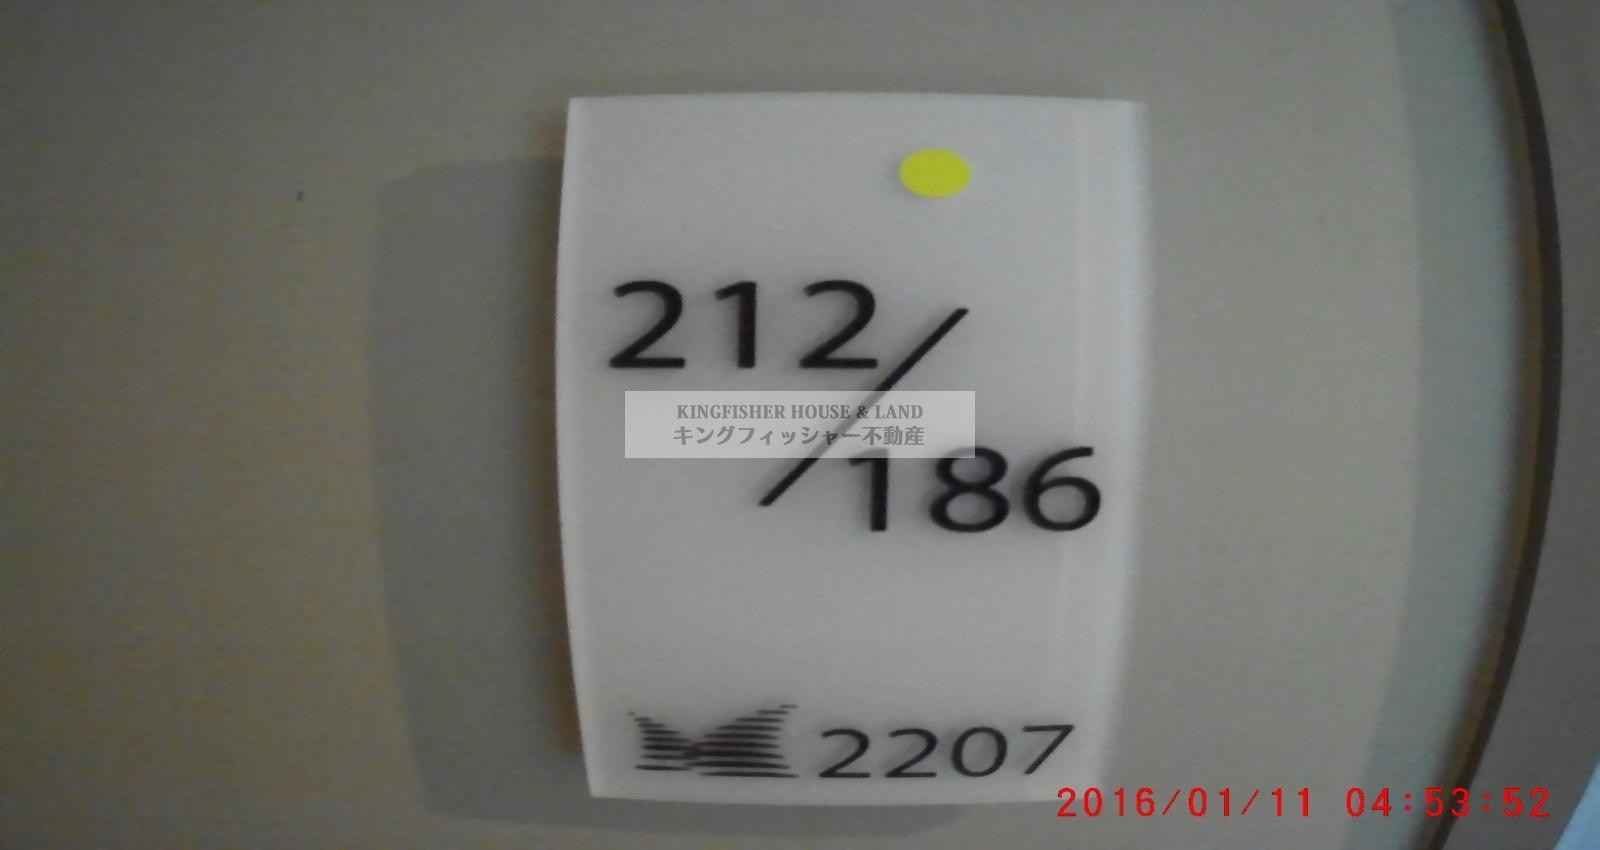 1 Bedrooms, Condominium, For Rent, 1 Bathrooms, Listing ID 1251, Sriracha, Thailand, 20110,